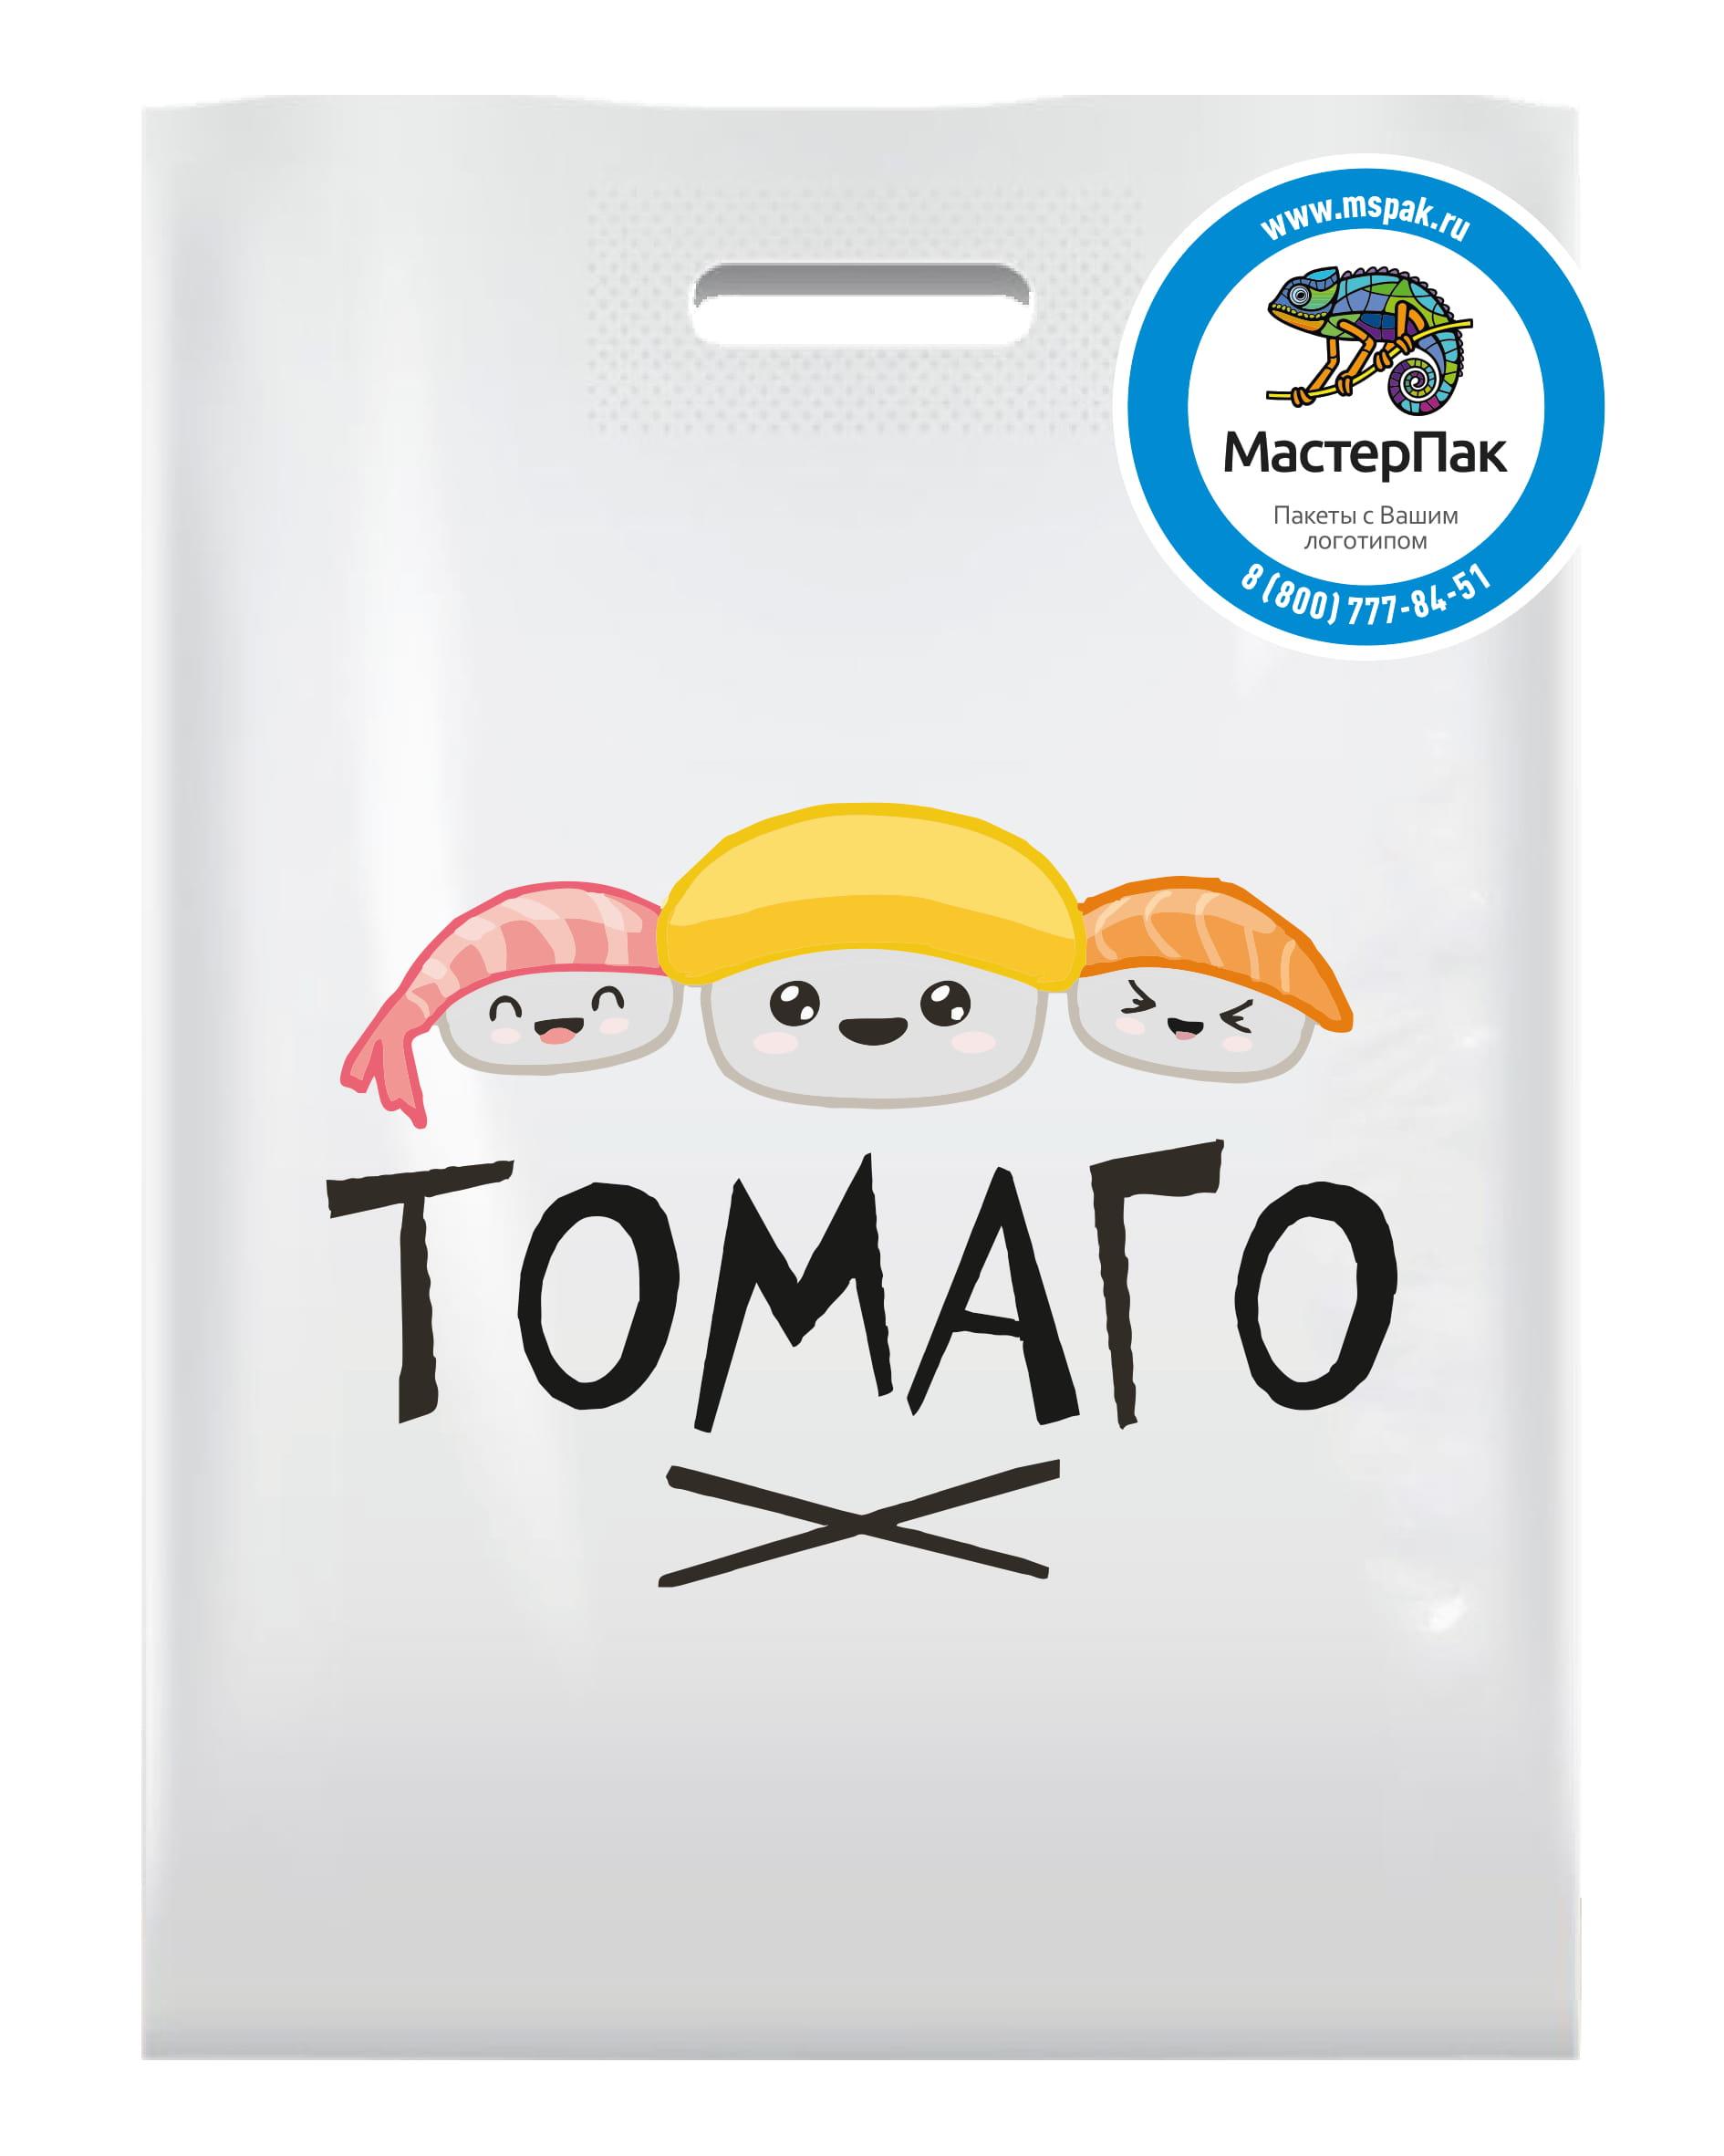 Пакет ПВД с вырубной ручкой и логотипом Томаго, Спб, 60 мкм, 38*50 см